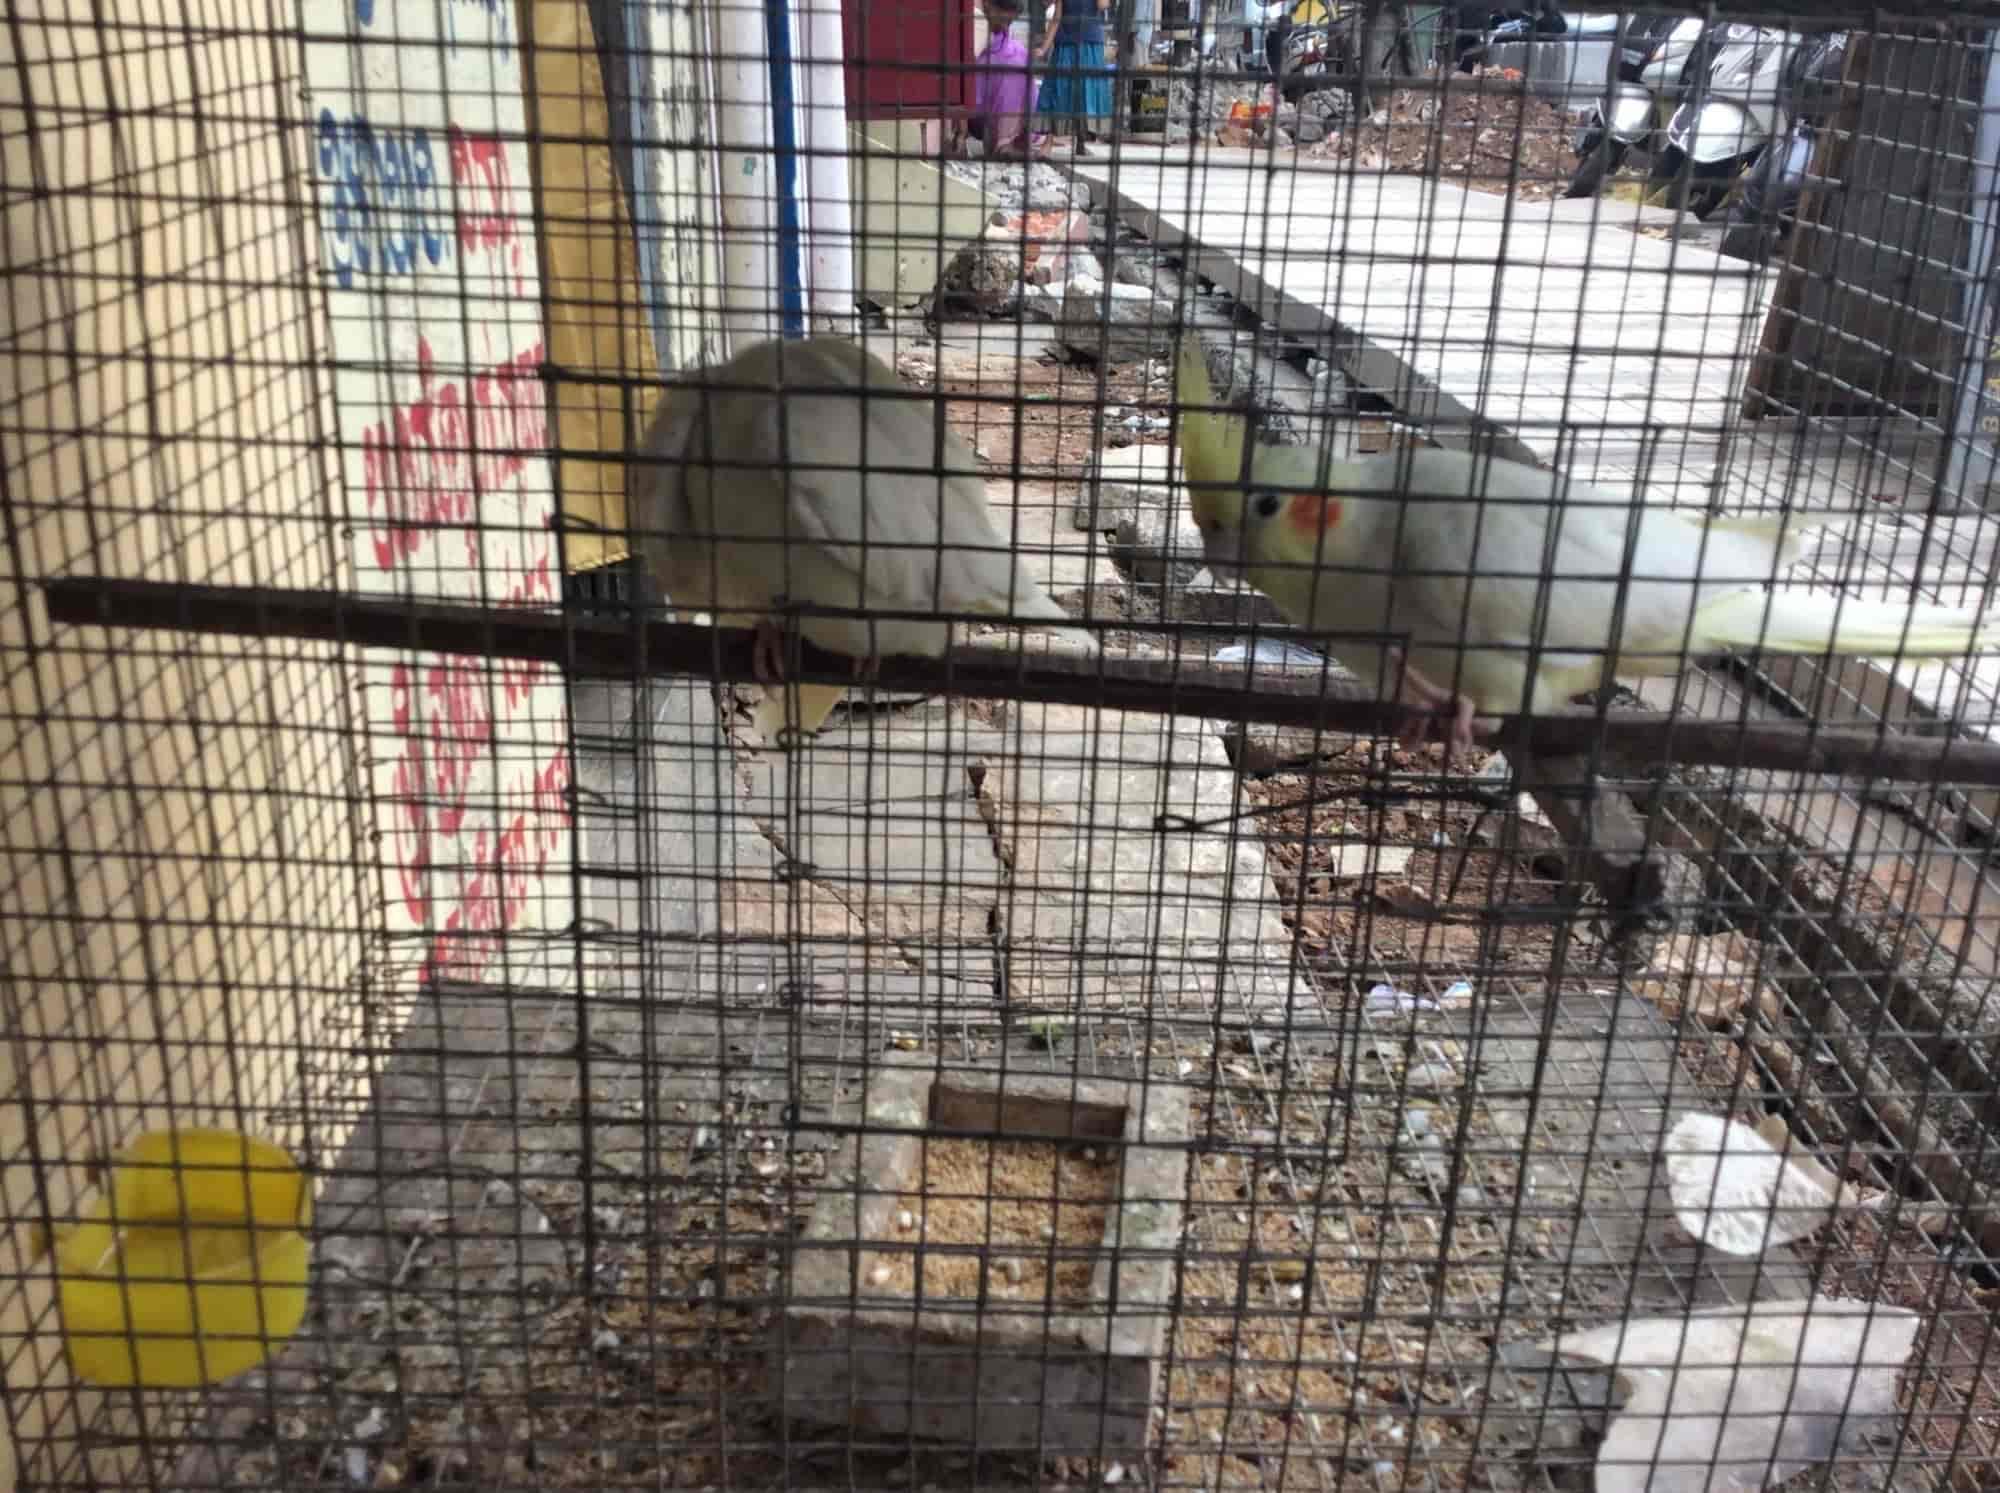 Aquarium HOUSE AND BIRDS Srirampuram Aquarium House & Birds Pet